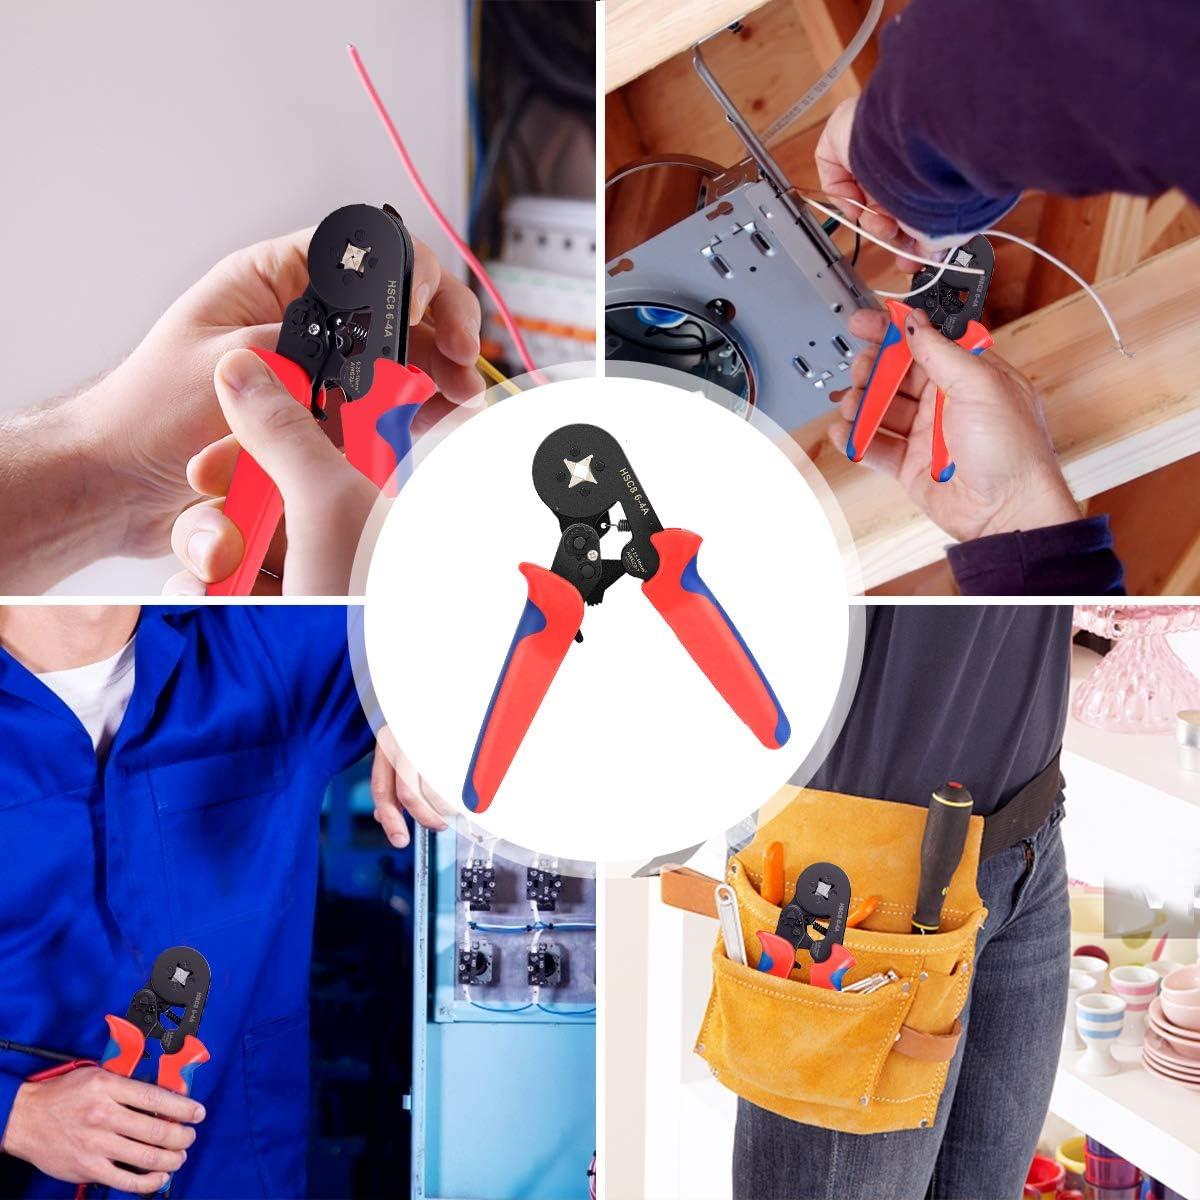 Juego de herramientas de engarce AWG23-7 Kit de engarzadora de alambre 0.25-10mm/² Alicates de engarzadora de alambre de trinquete autoajustables con conectores de engarce de terminal de alambre 1200